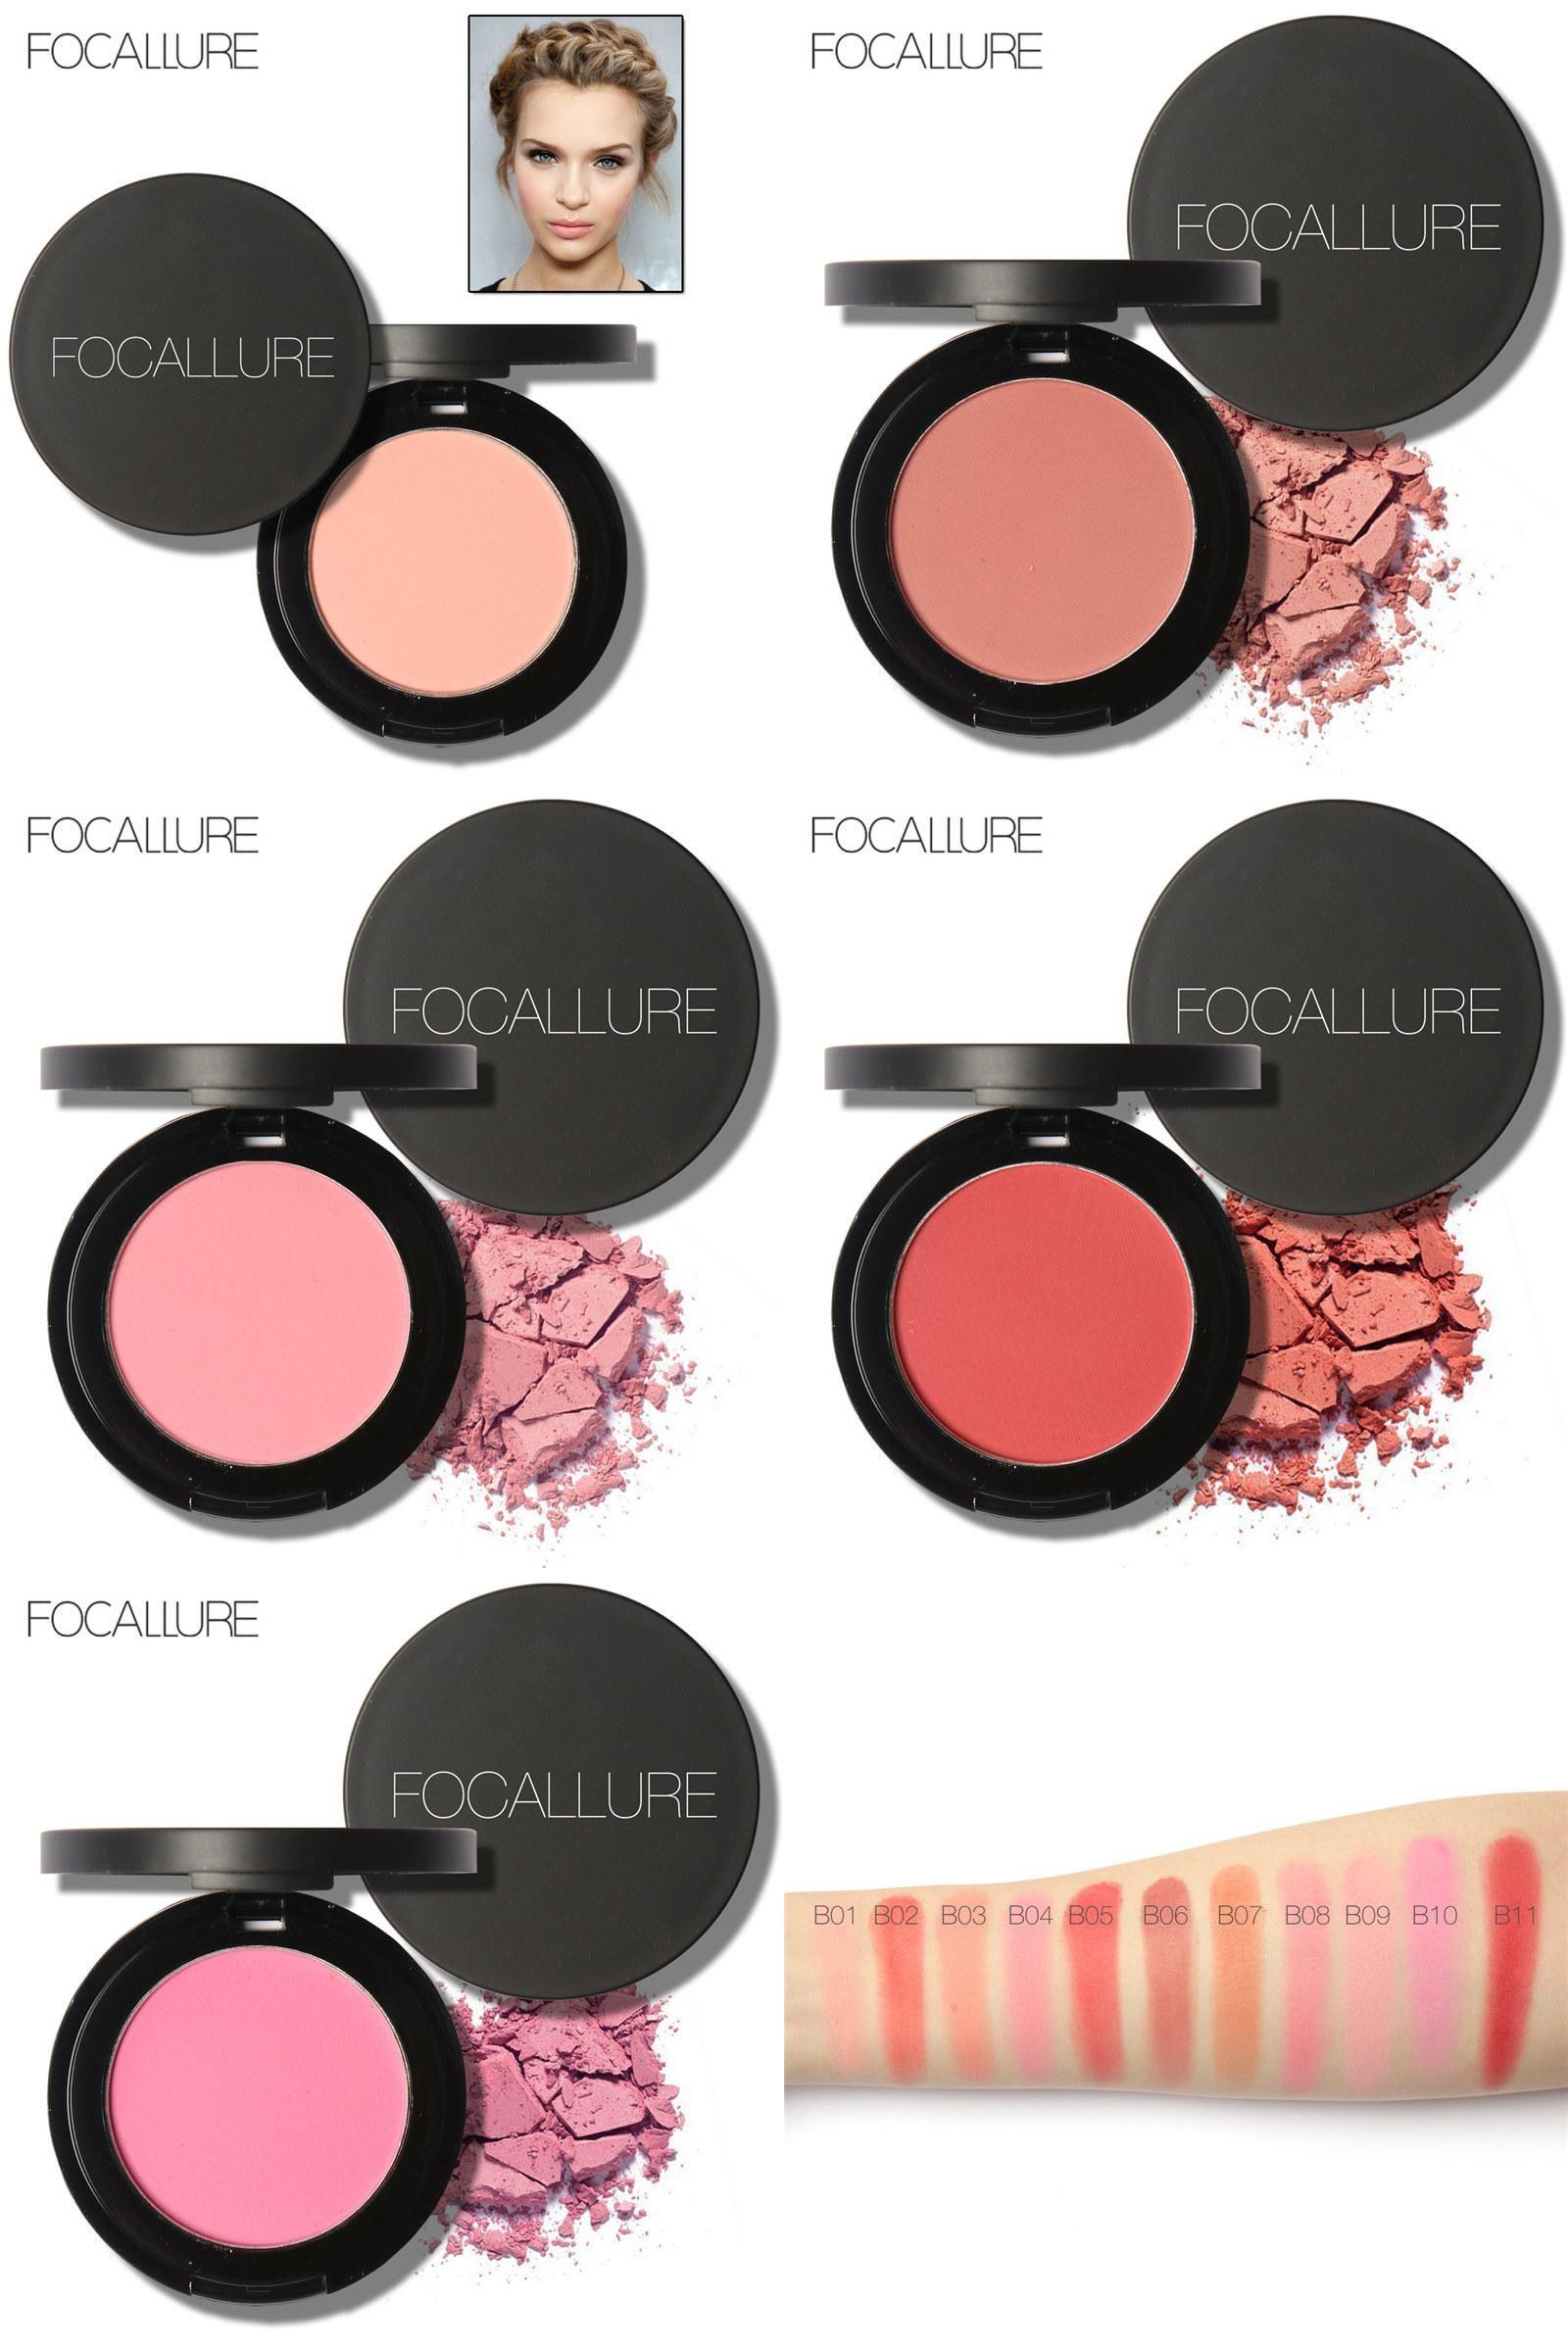 [Visit To Buy] Focallure Makeup Blush Palette Contour